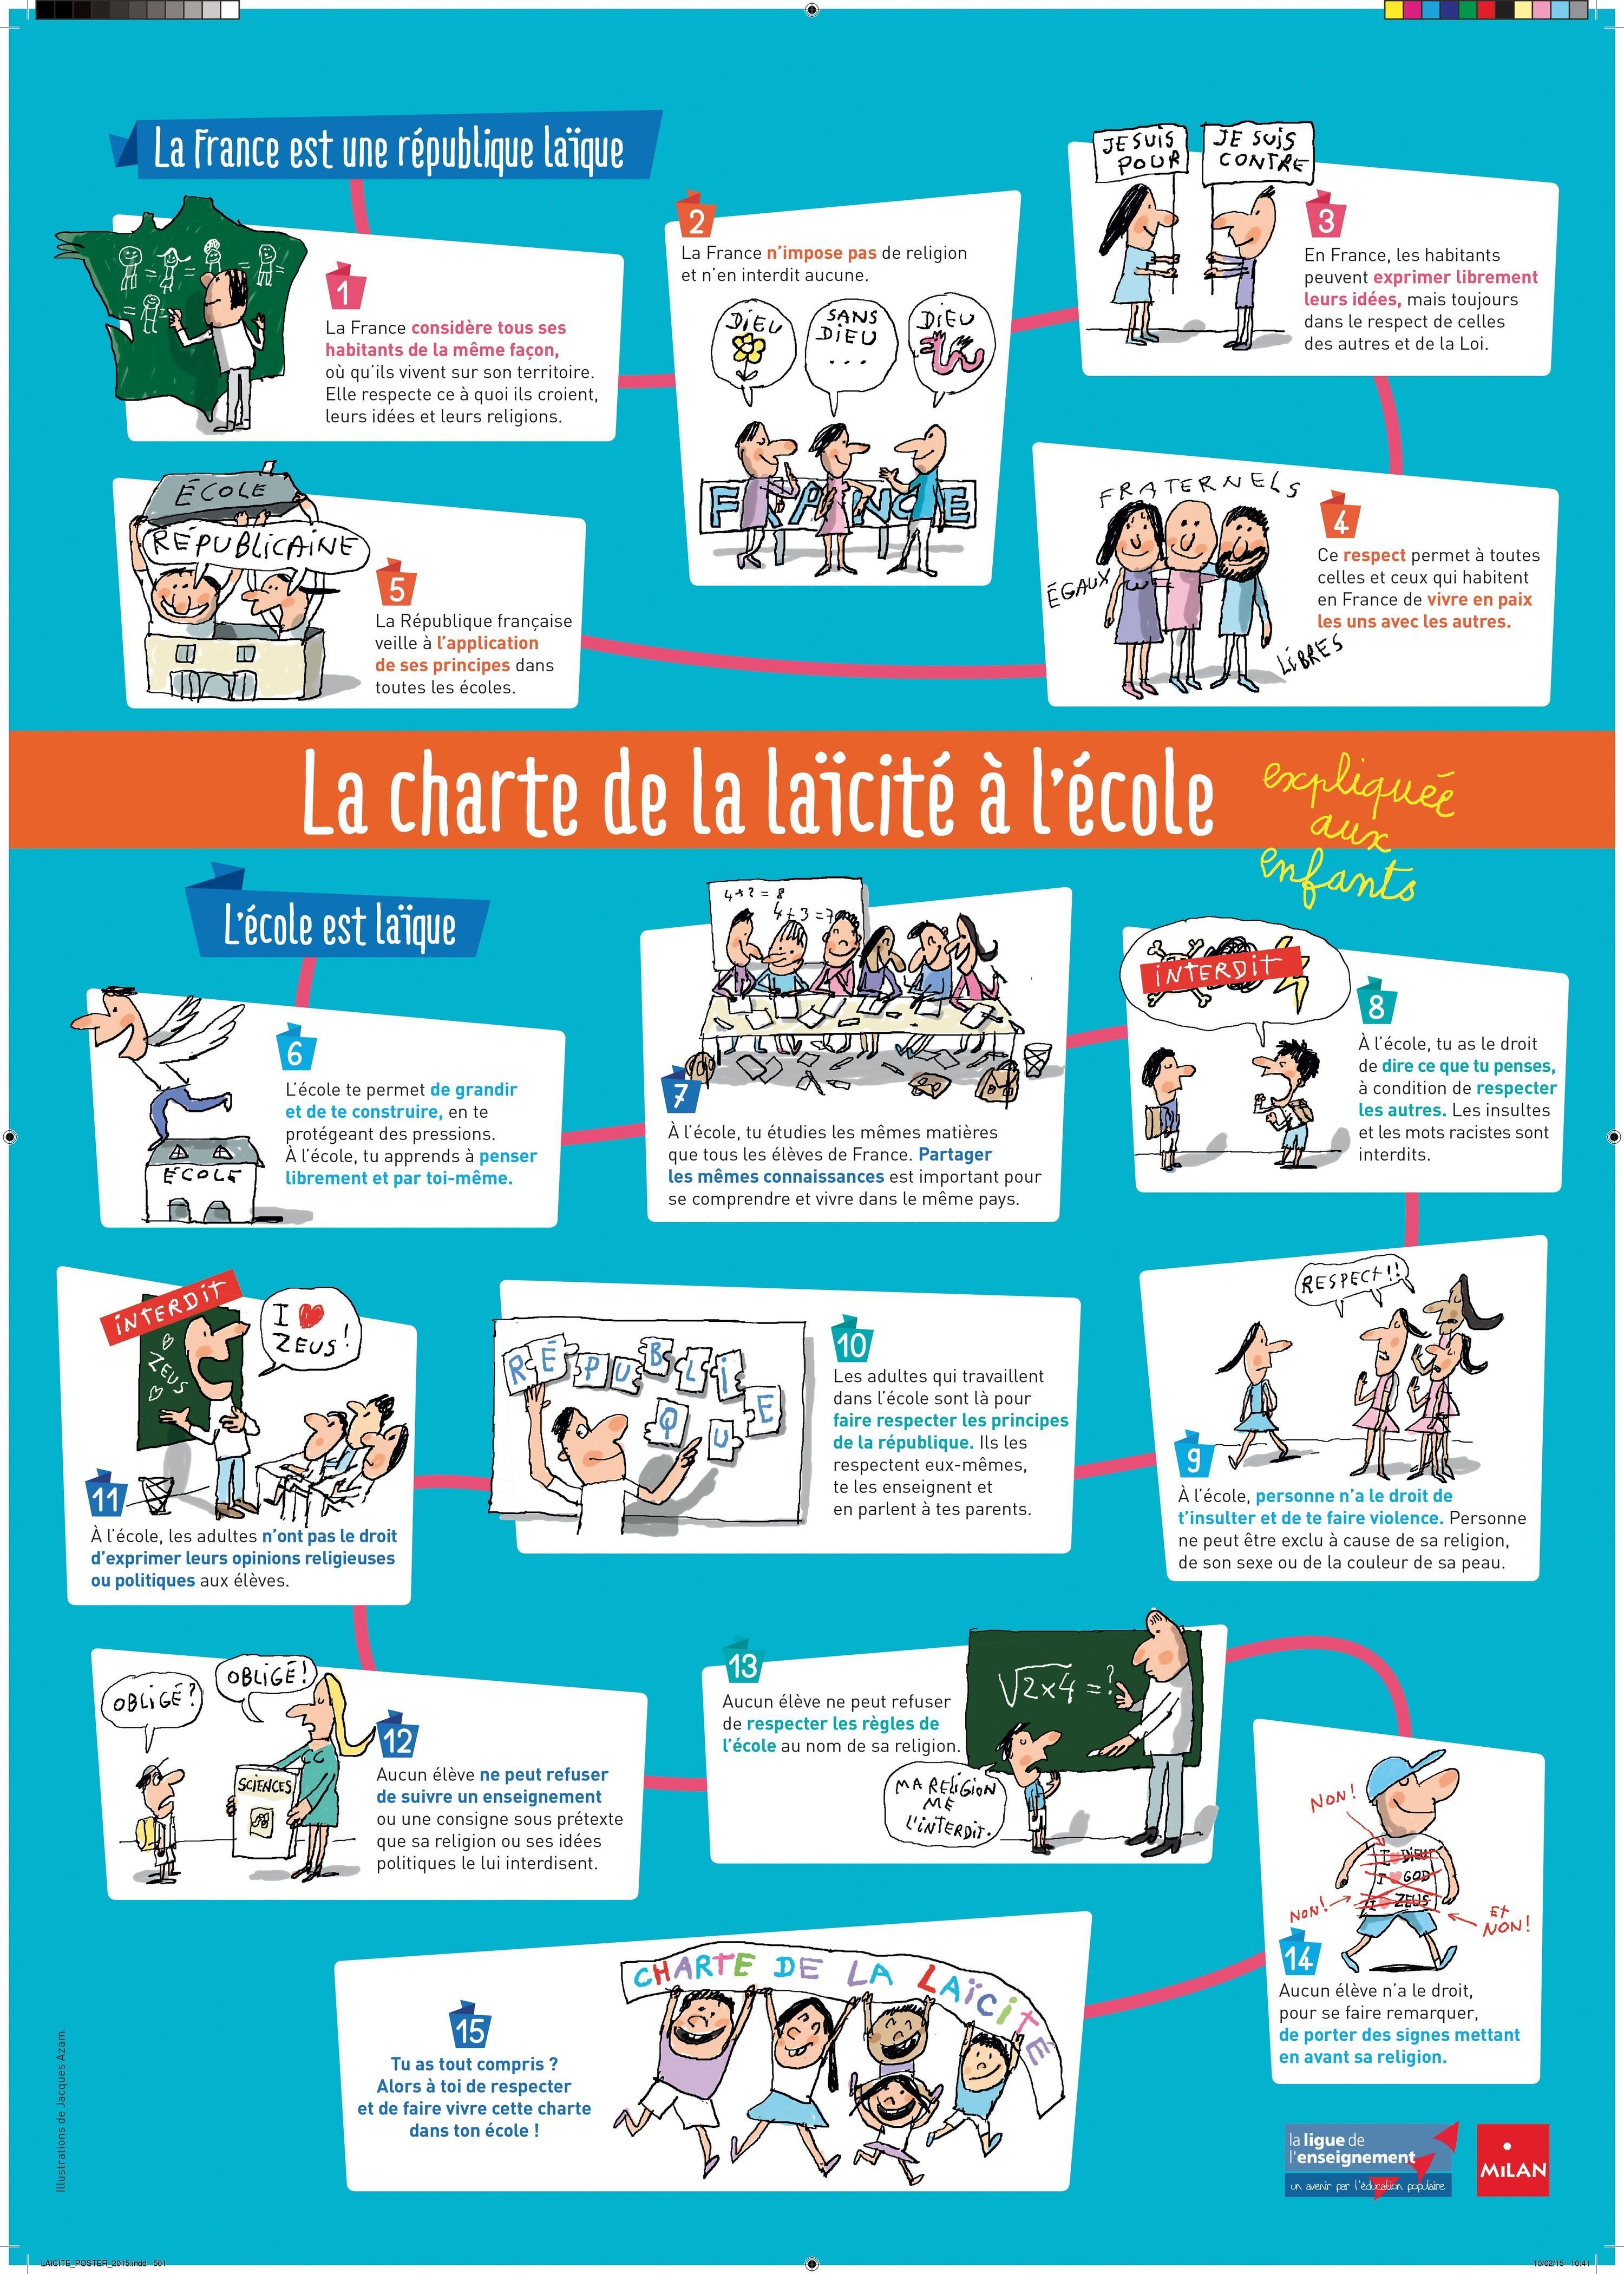 La charte de la laïcité expliquée aux enfants